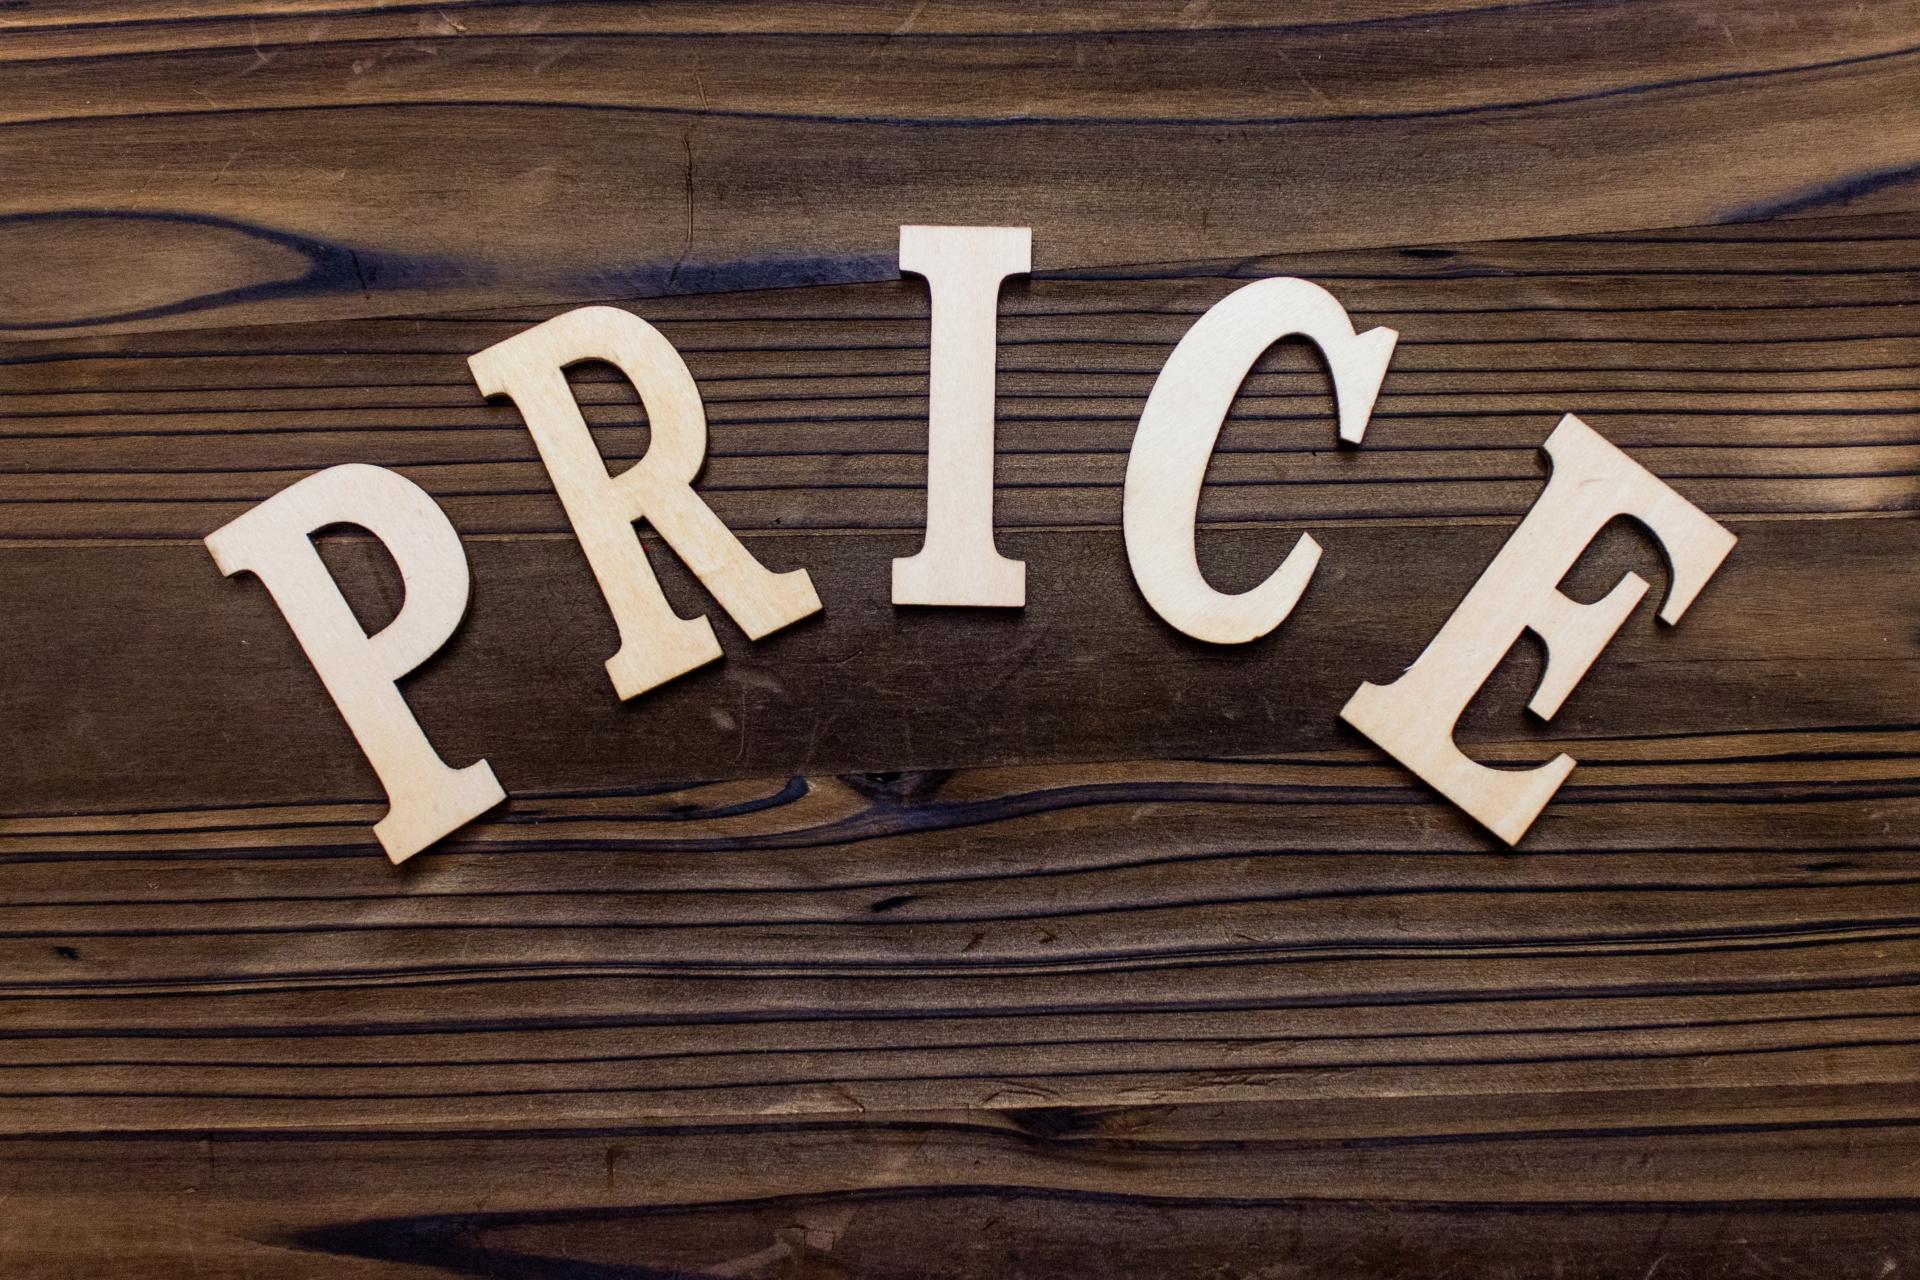 オープン価格の意味とは?定価との違いやメリット・デメリットを調査!